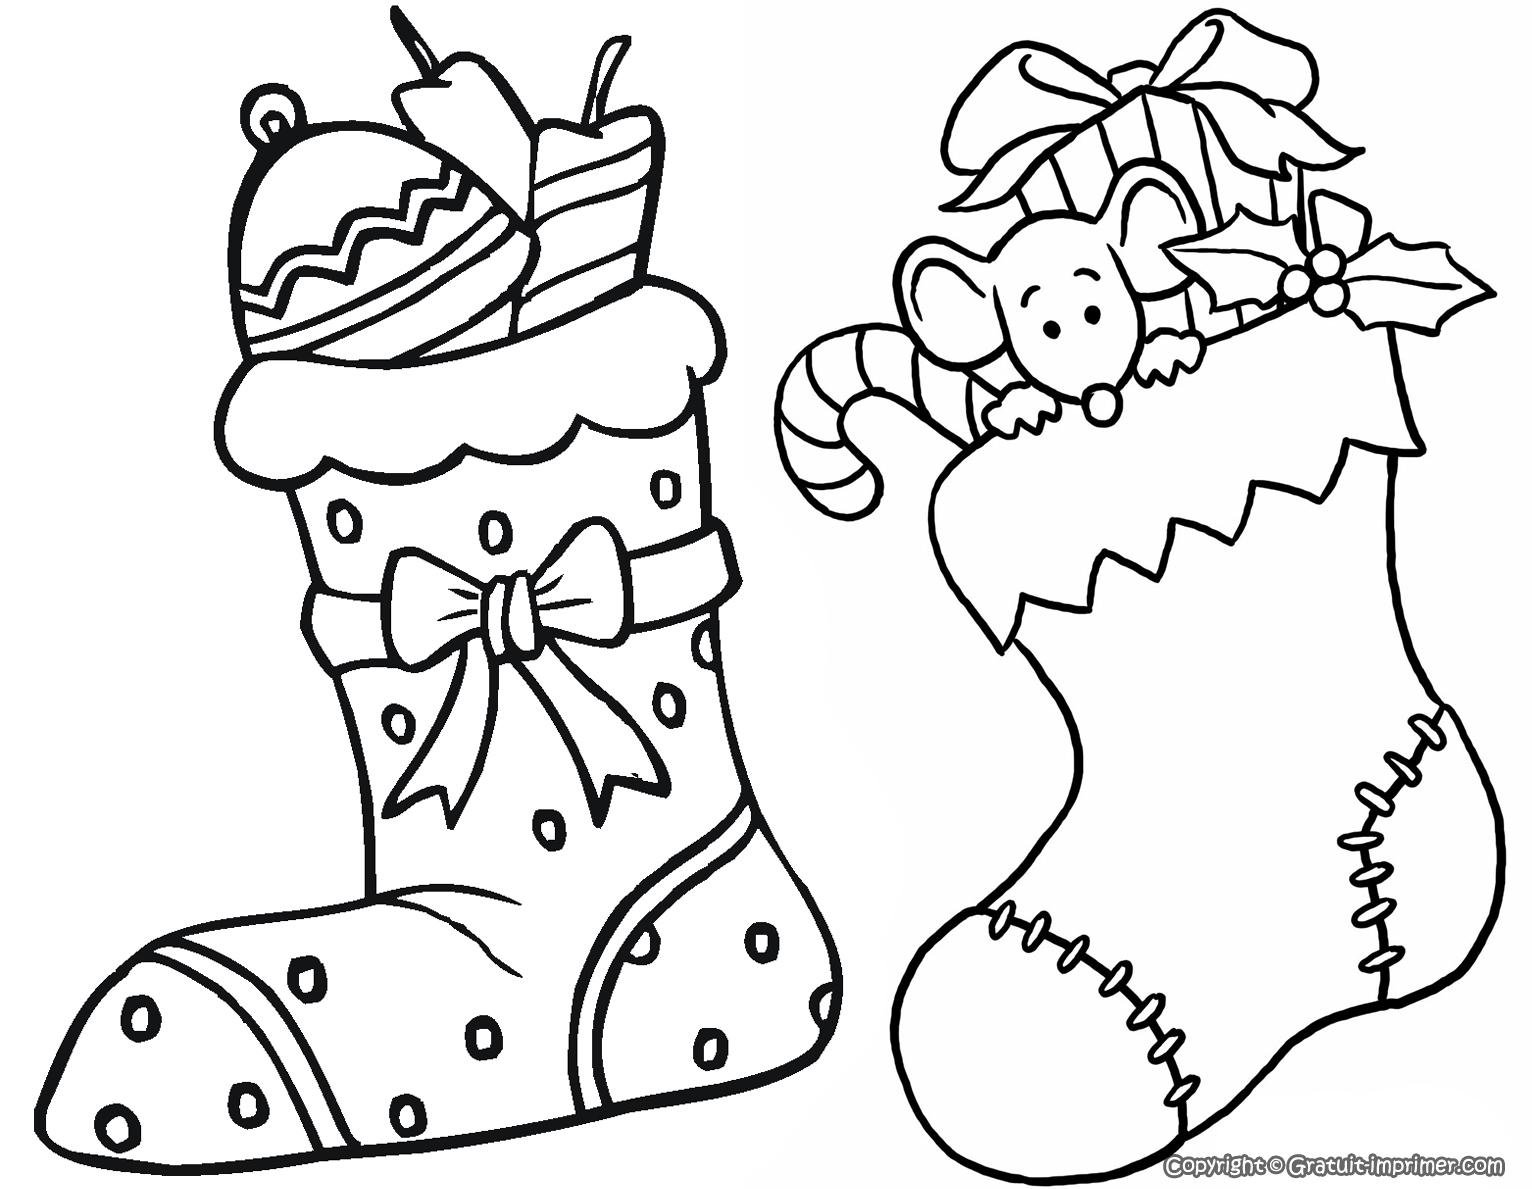 Coloriage204: Coloriage A Imprimer De Noel concernant Coloriage De Père Noel Gratuit A Imprimer